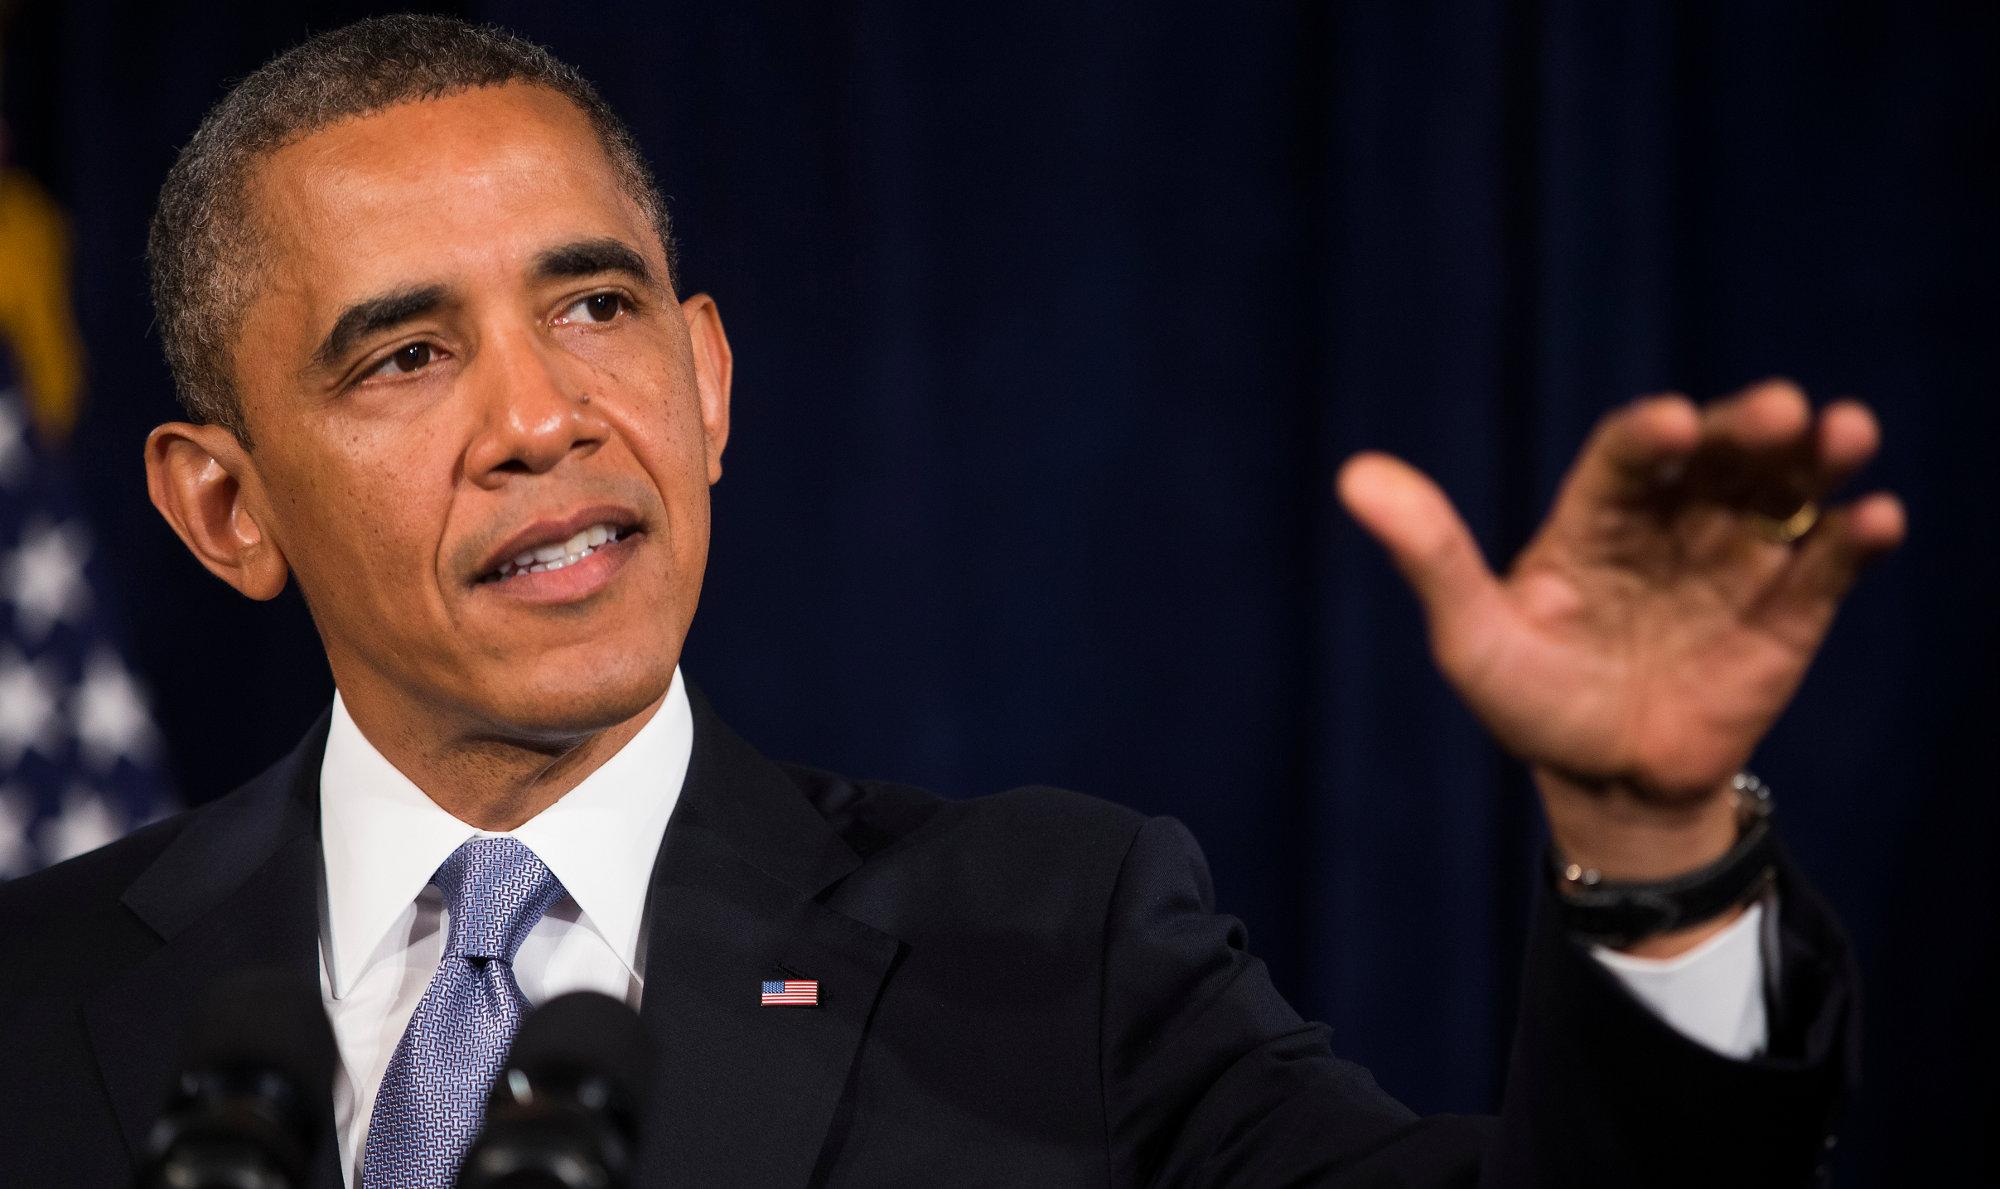 Ebola : Obama appelle le Congrès américain à débloquer un fonds de 6 milliards de dollars 80